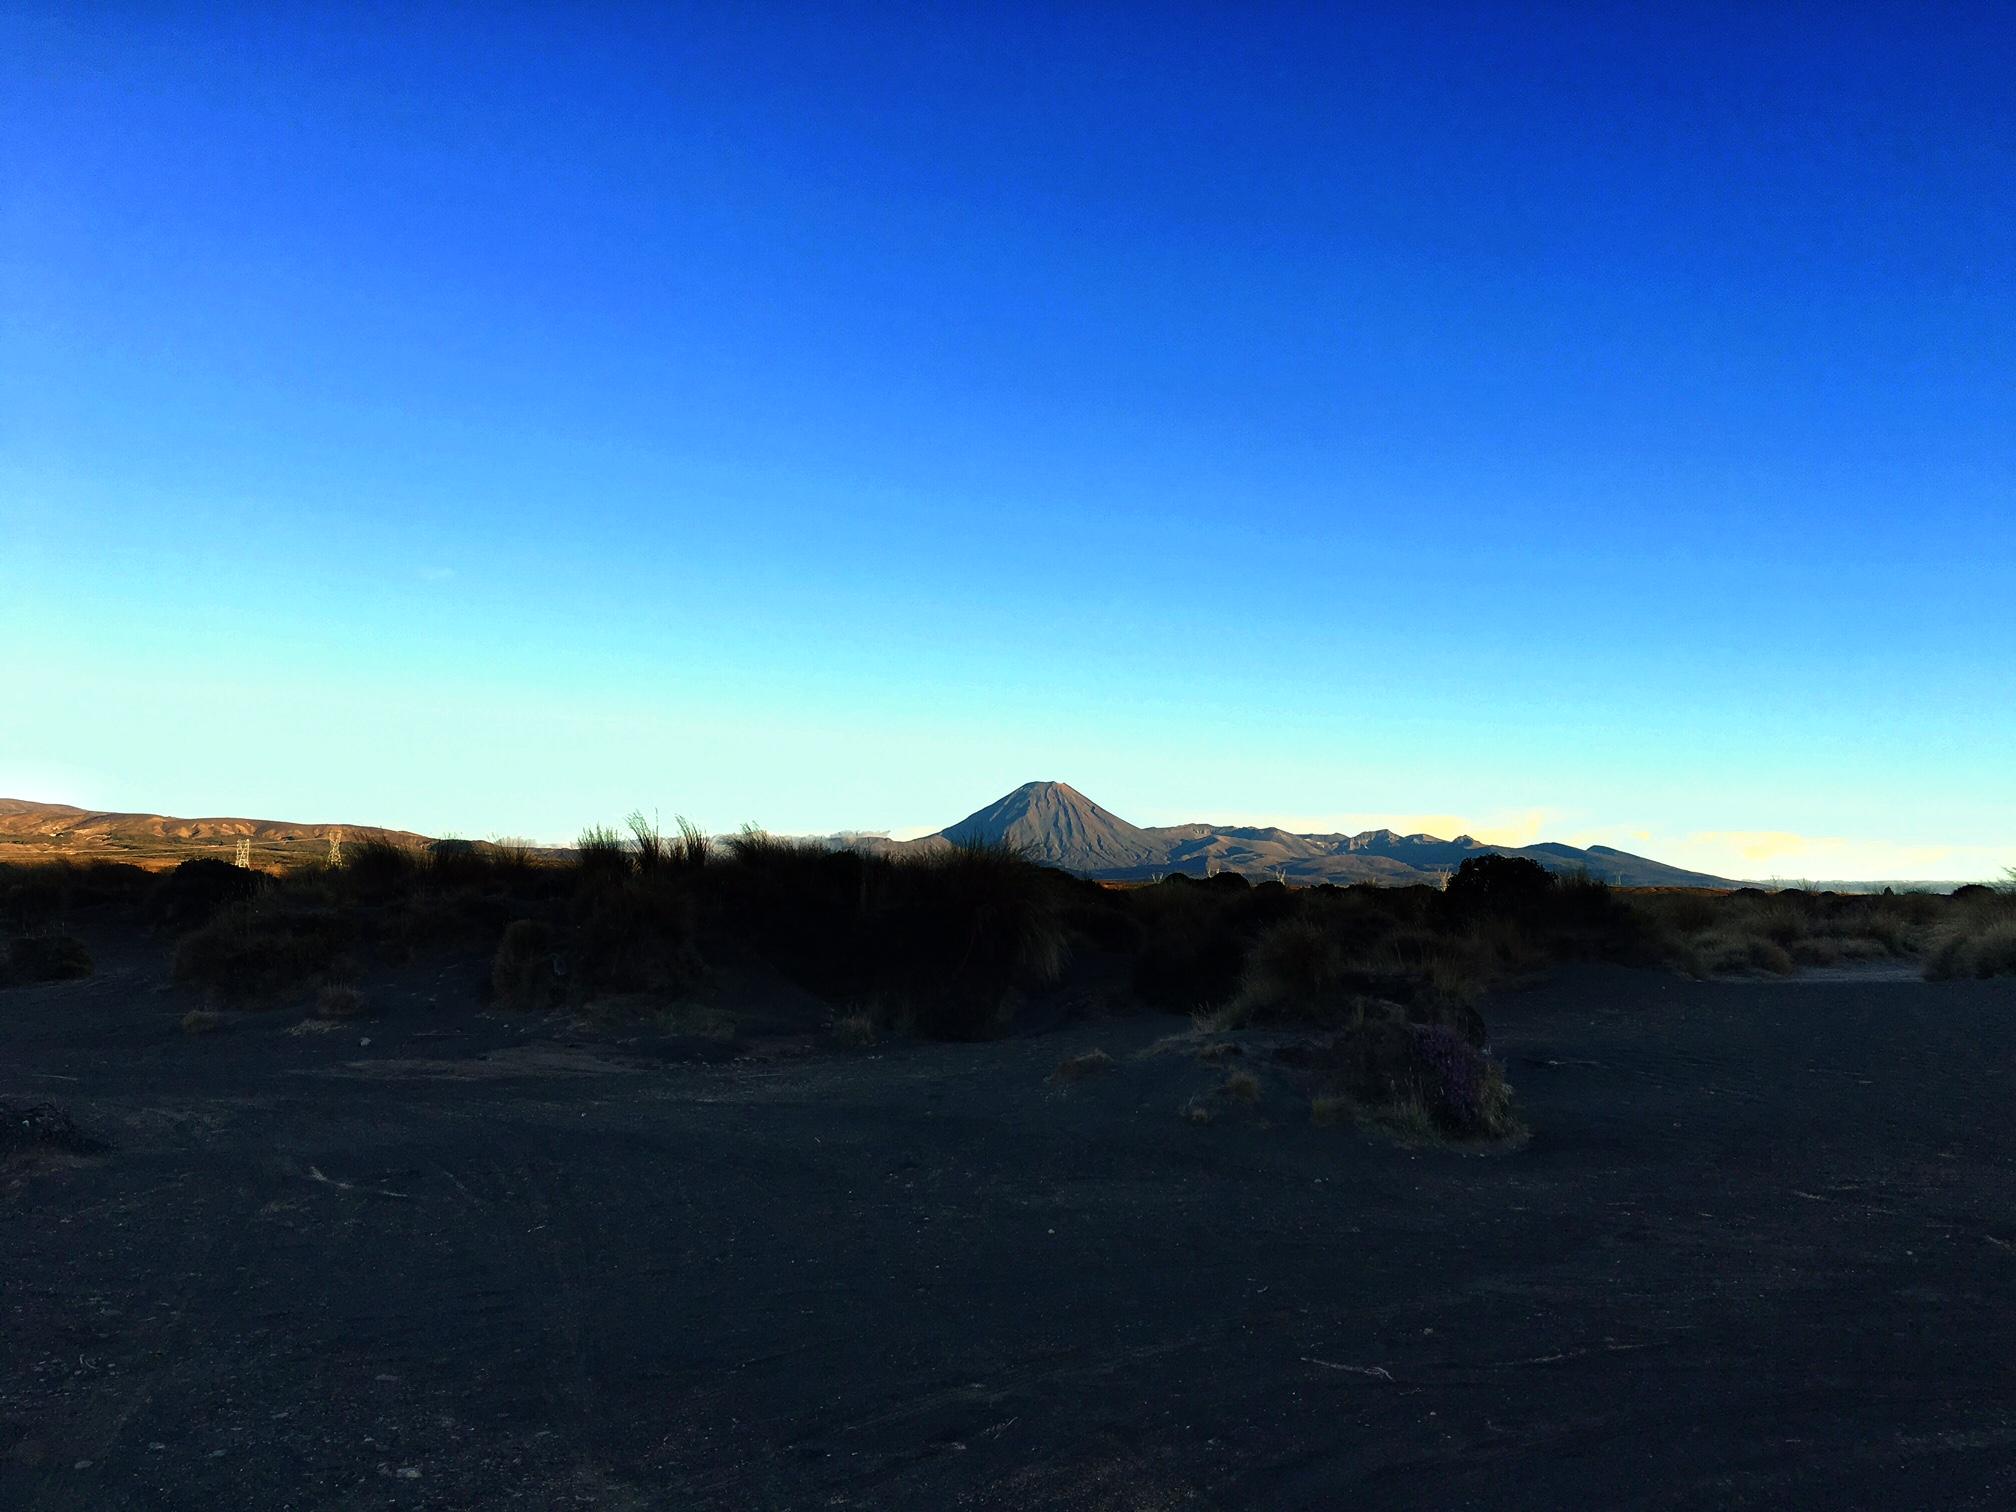 // Mt. Doom in morning light